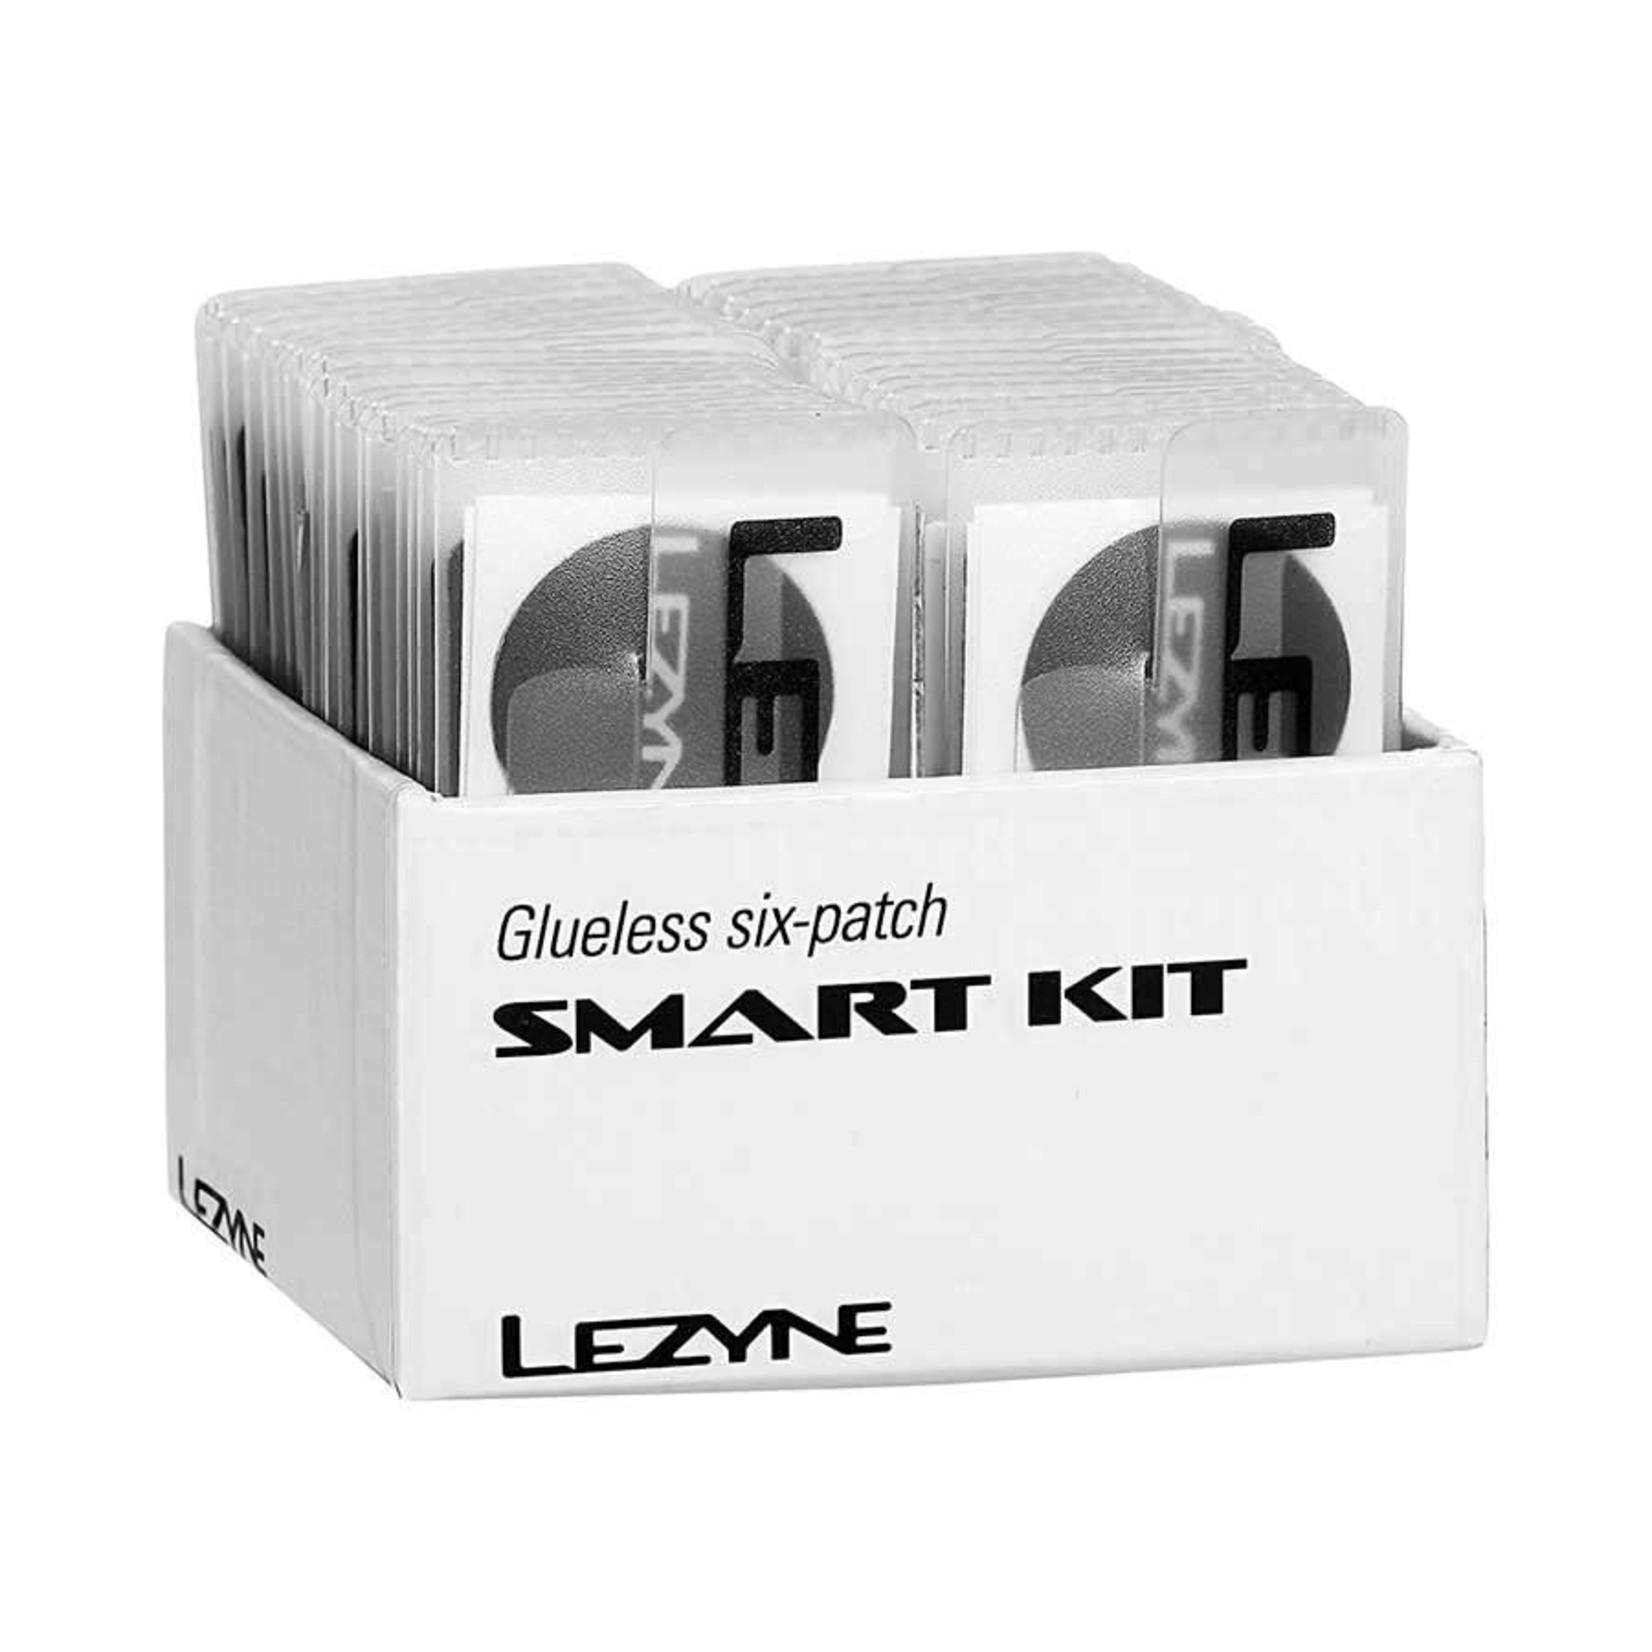 Lezyne Lezyne, Smart Kit, Trousse de rustines, Une trousse, sur carte presentoir